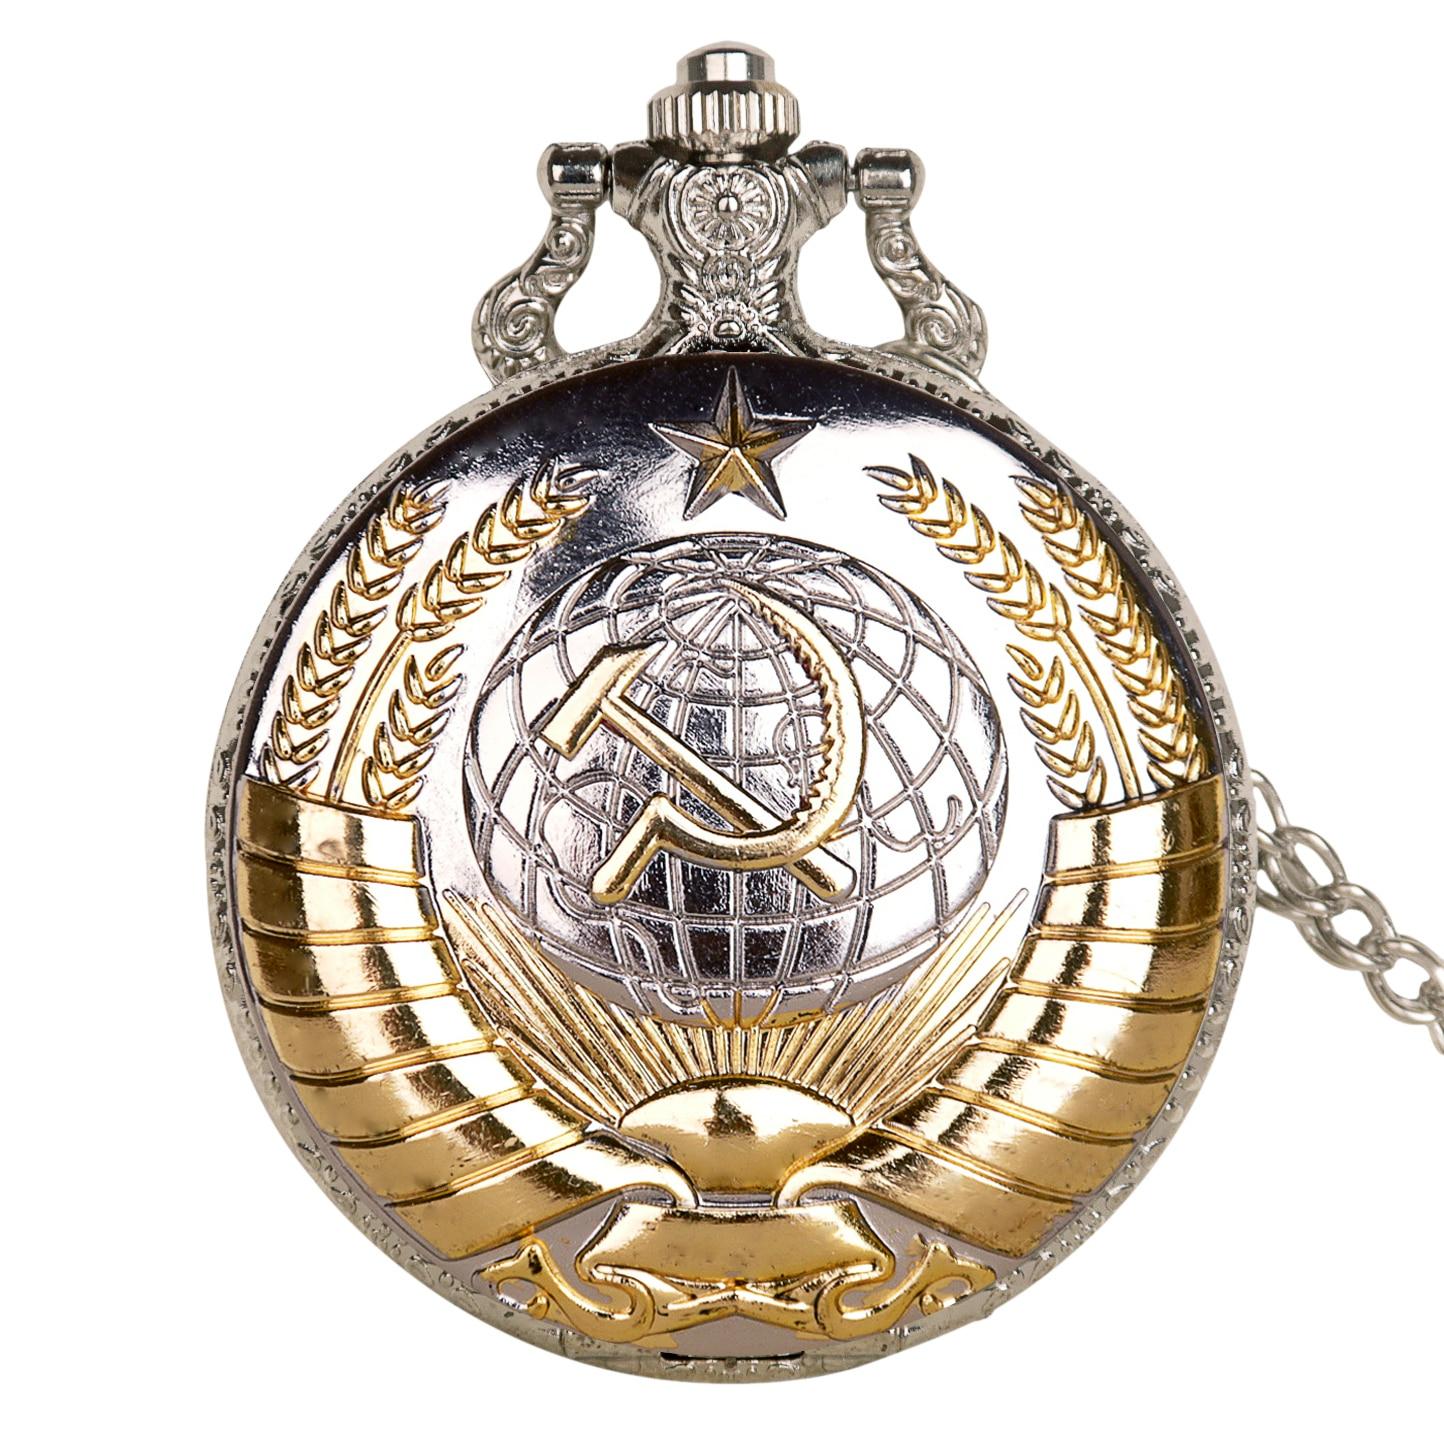 Novo vintage urss soviético emblemas martelo relógio de bolso retro rússia exército cccp quartzo bolso relógio colar corrente para homens